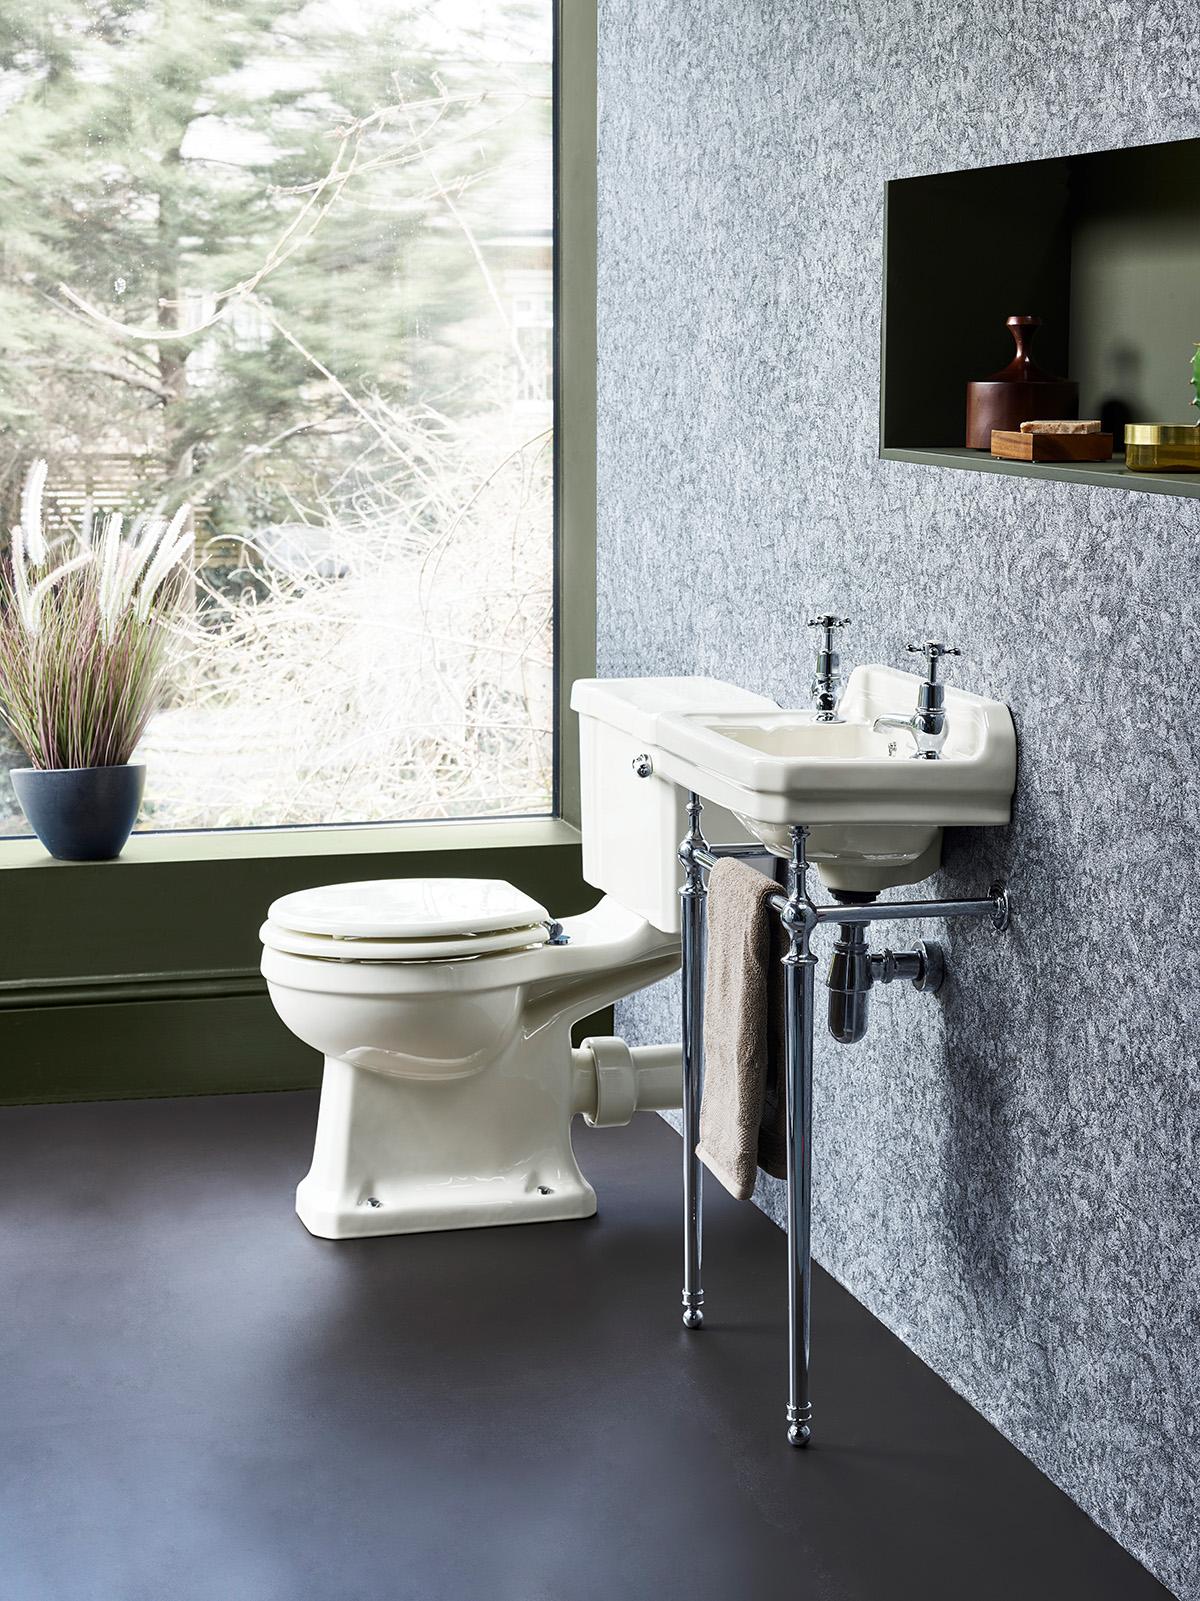 Medici_Cloakroom - Burlington Bathrooms 1200px.jpg